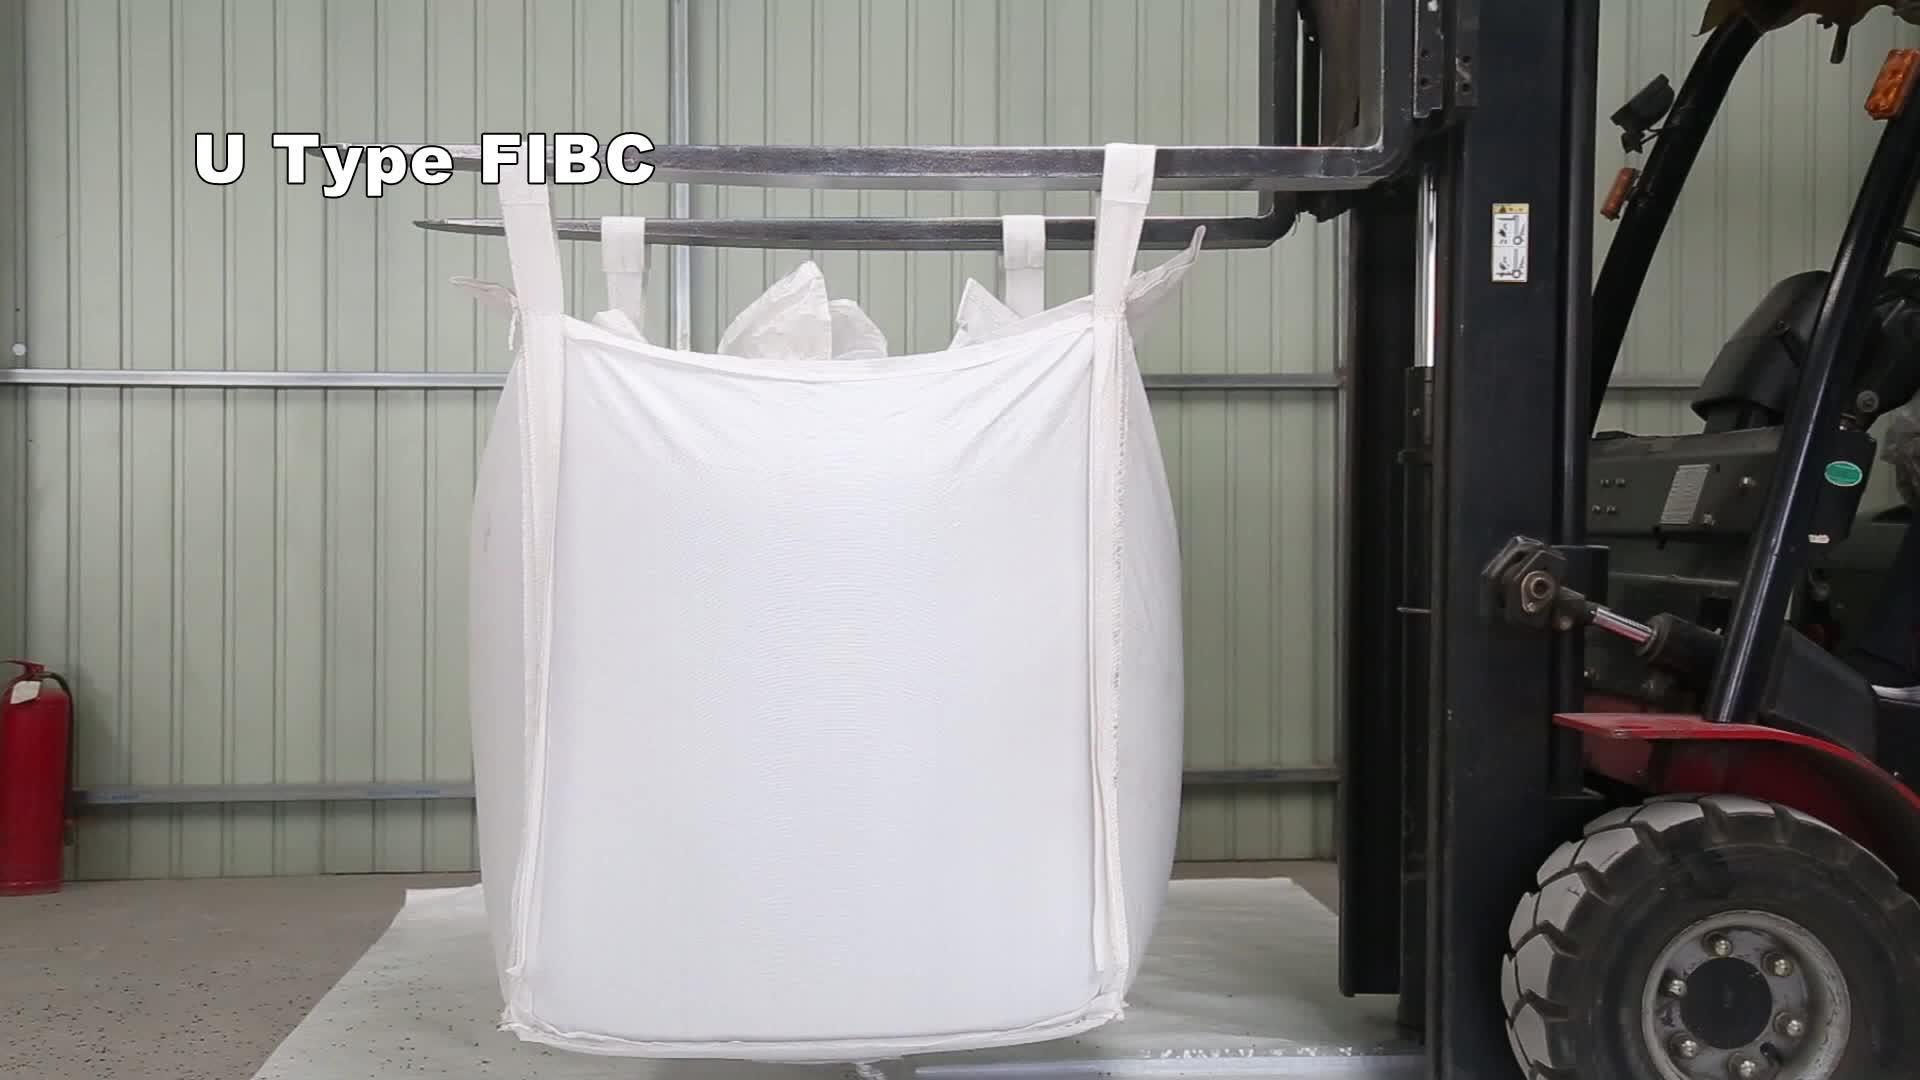 卸売 PPJumbo バッグ 1ton ビッグバッグ pp スクラップ 1000 キロバルクバッグ下最高価格高品質のためのパッキング